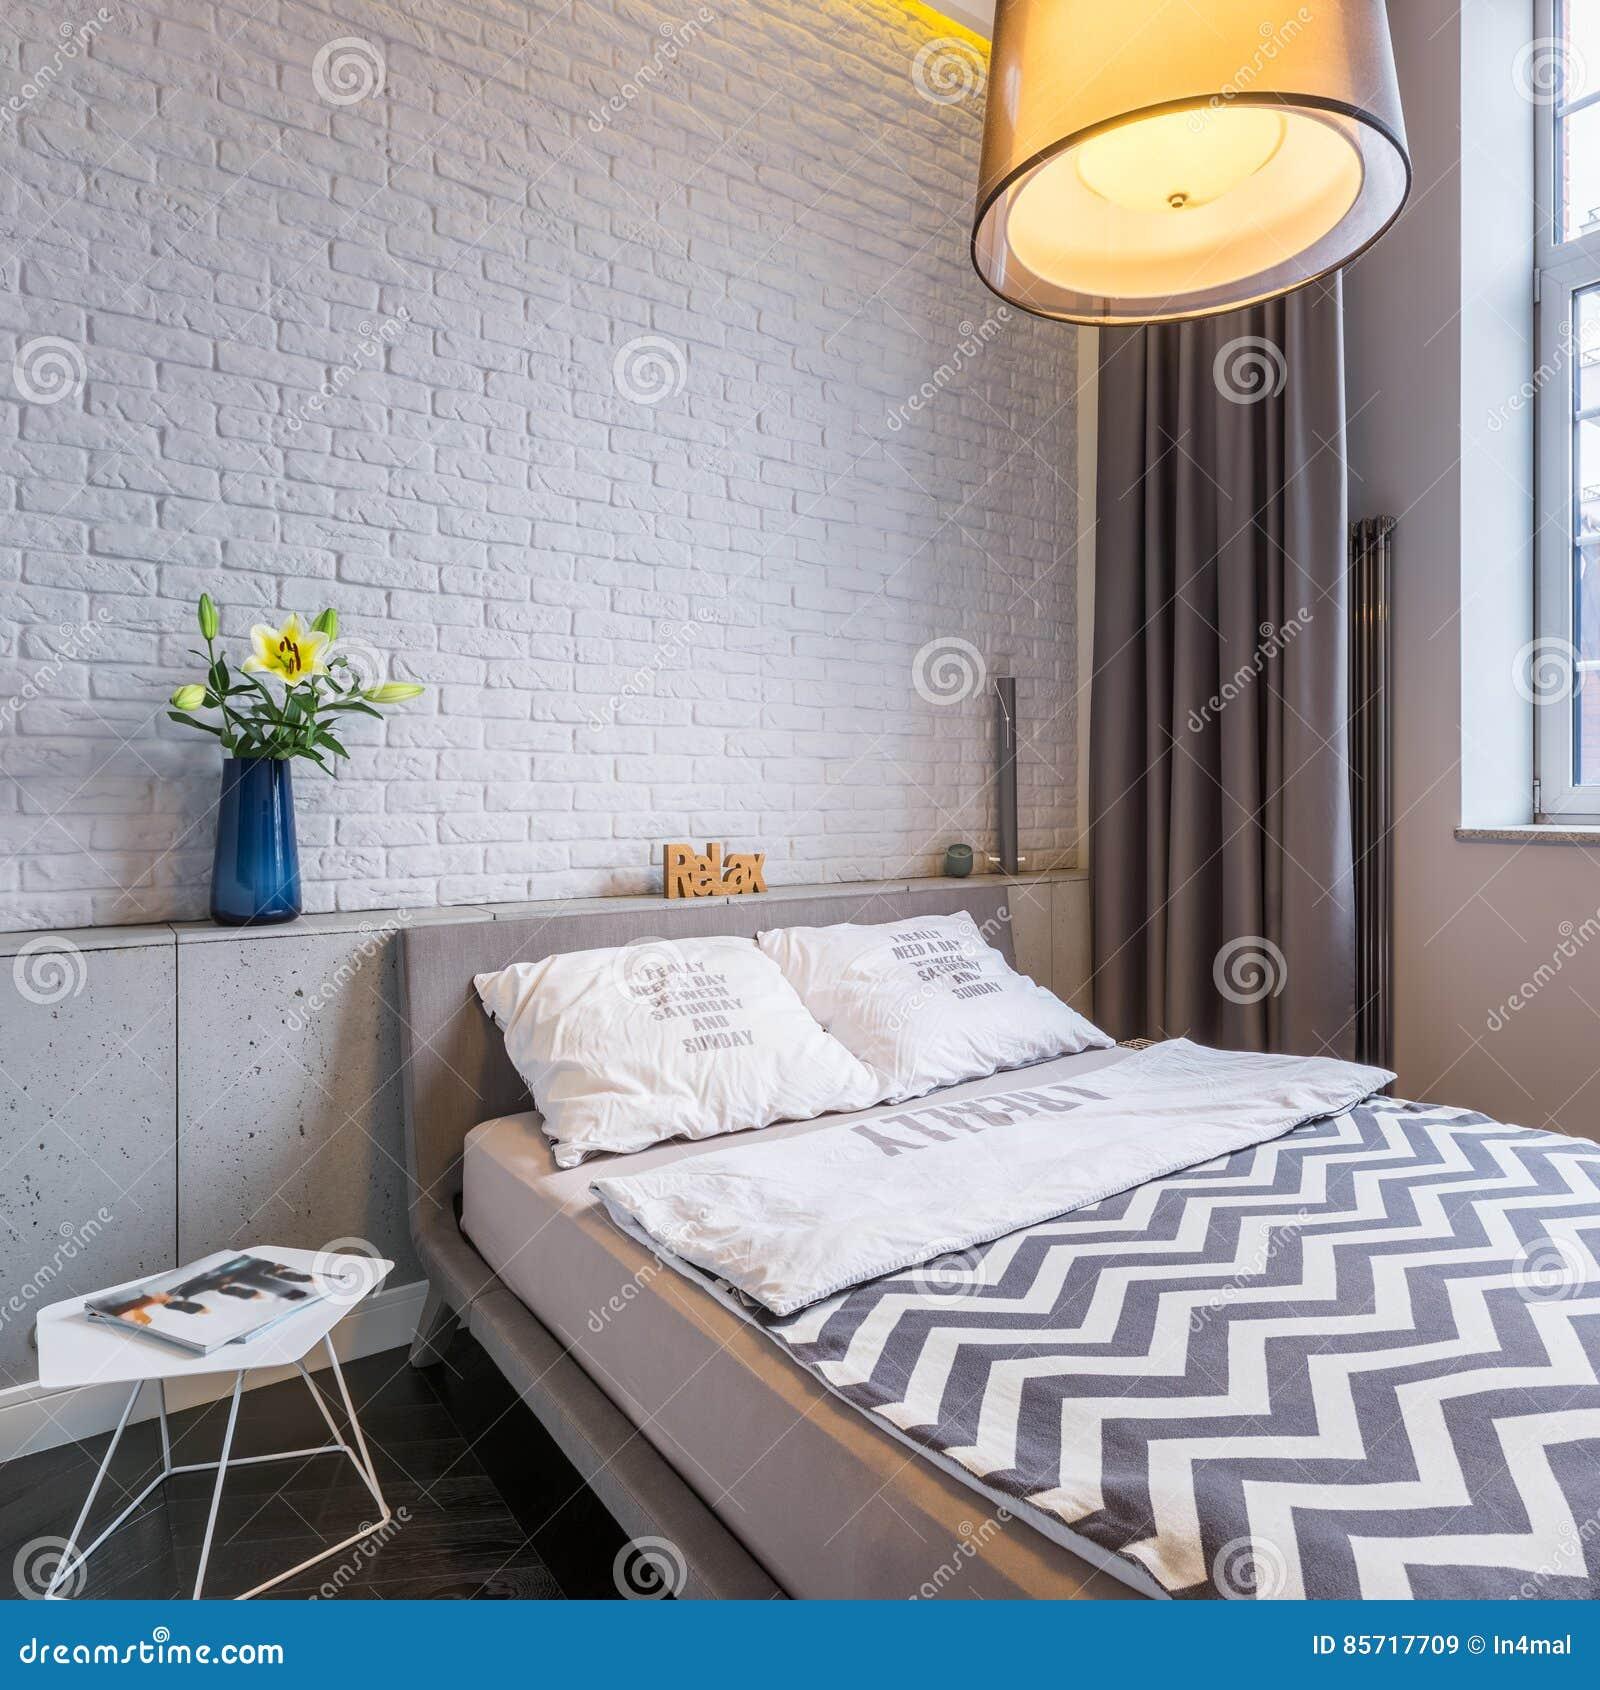 Schlafzimmer Mit Fenster Und Bett Stockbild Bild Von Bett Fenster 85717709